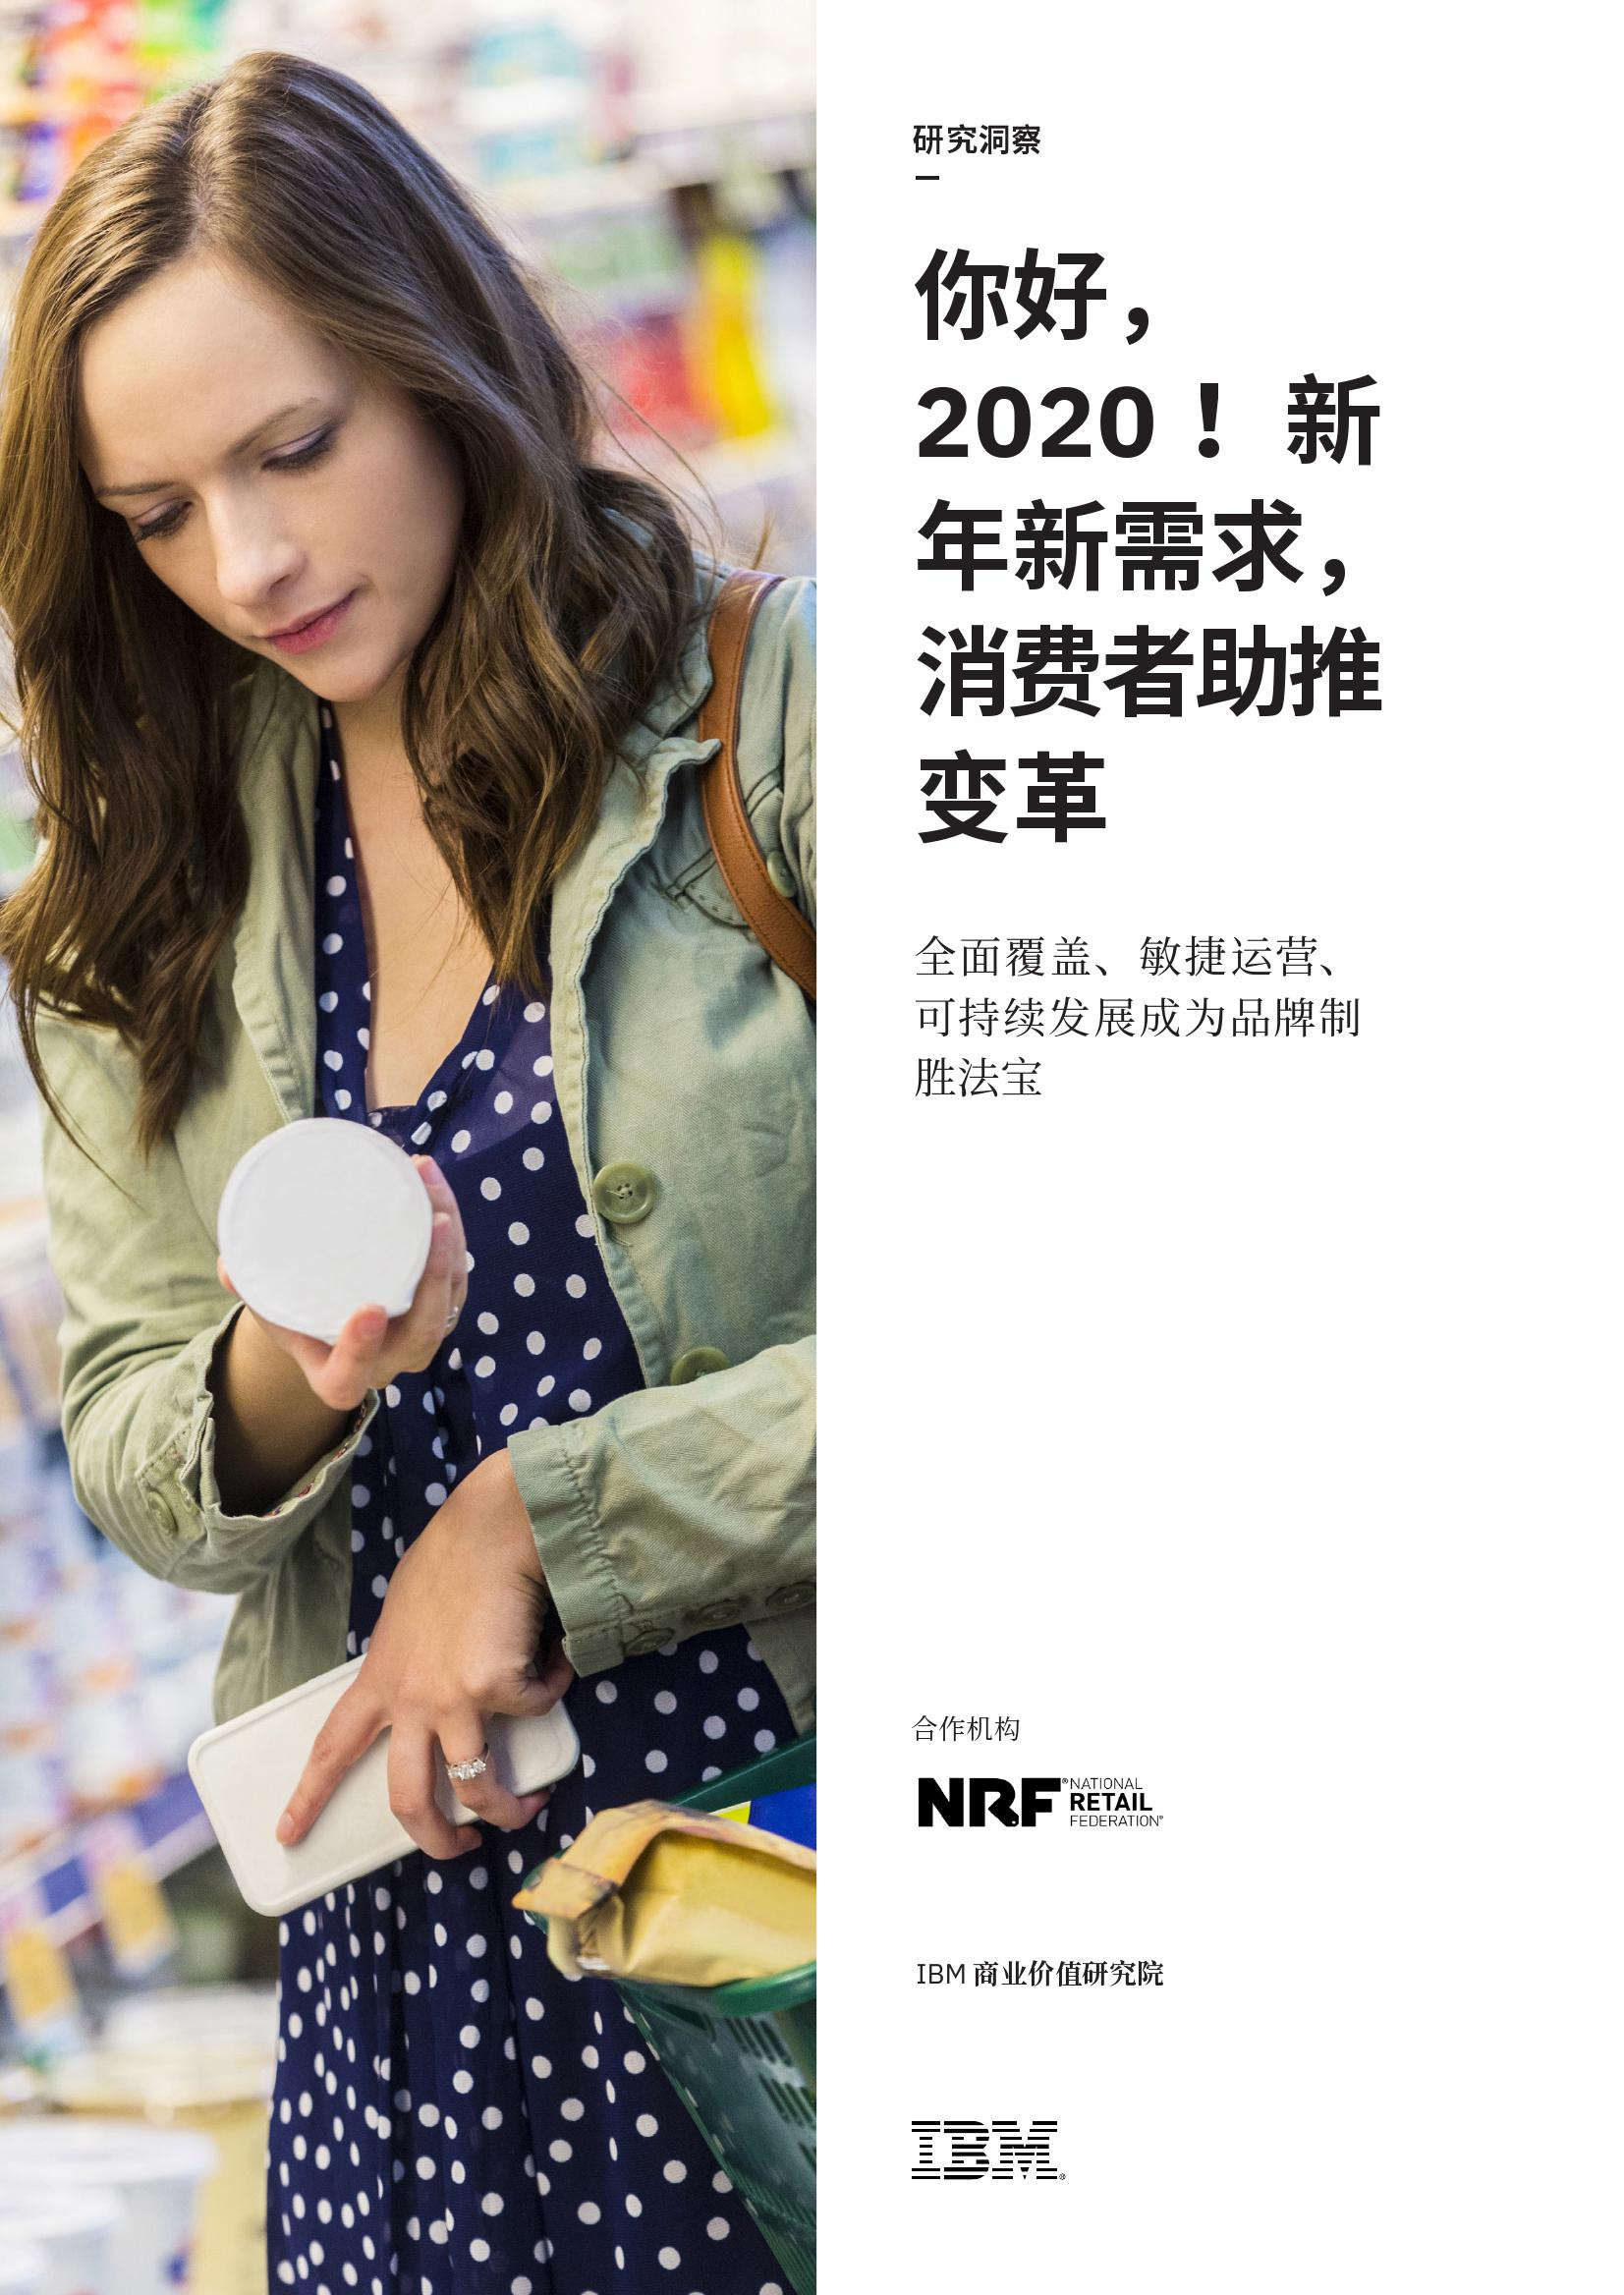 IBM:2020!新年新需求,消费者助推变革